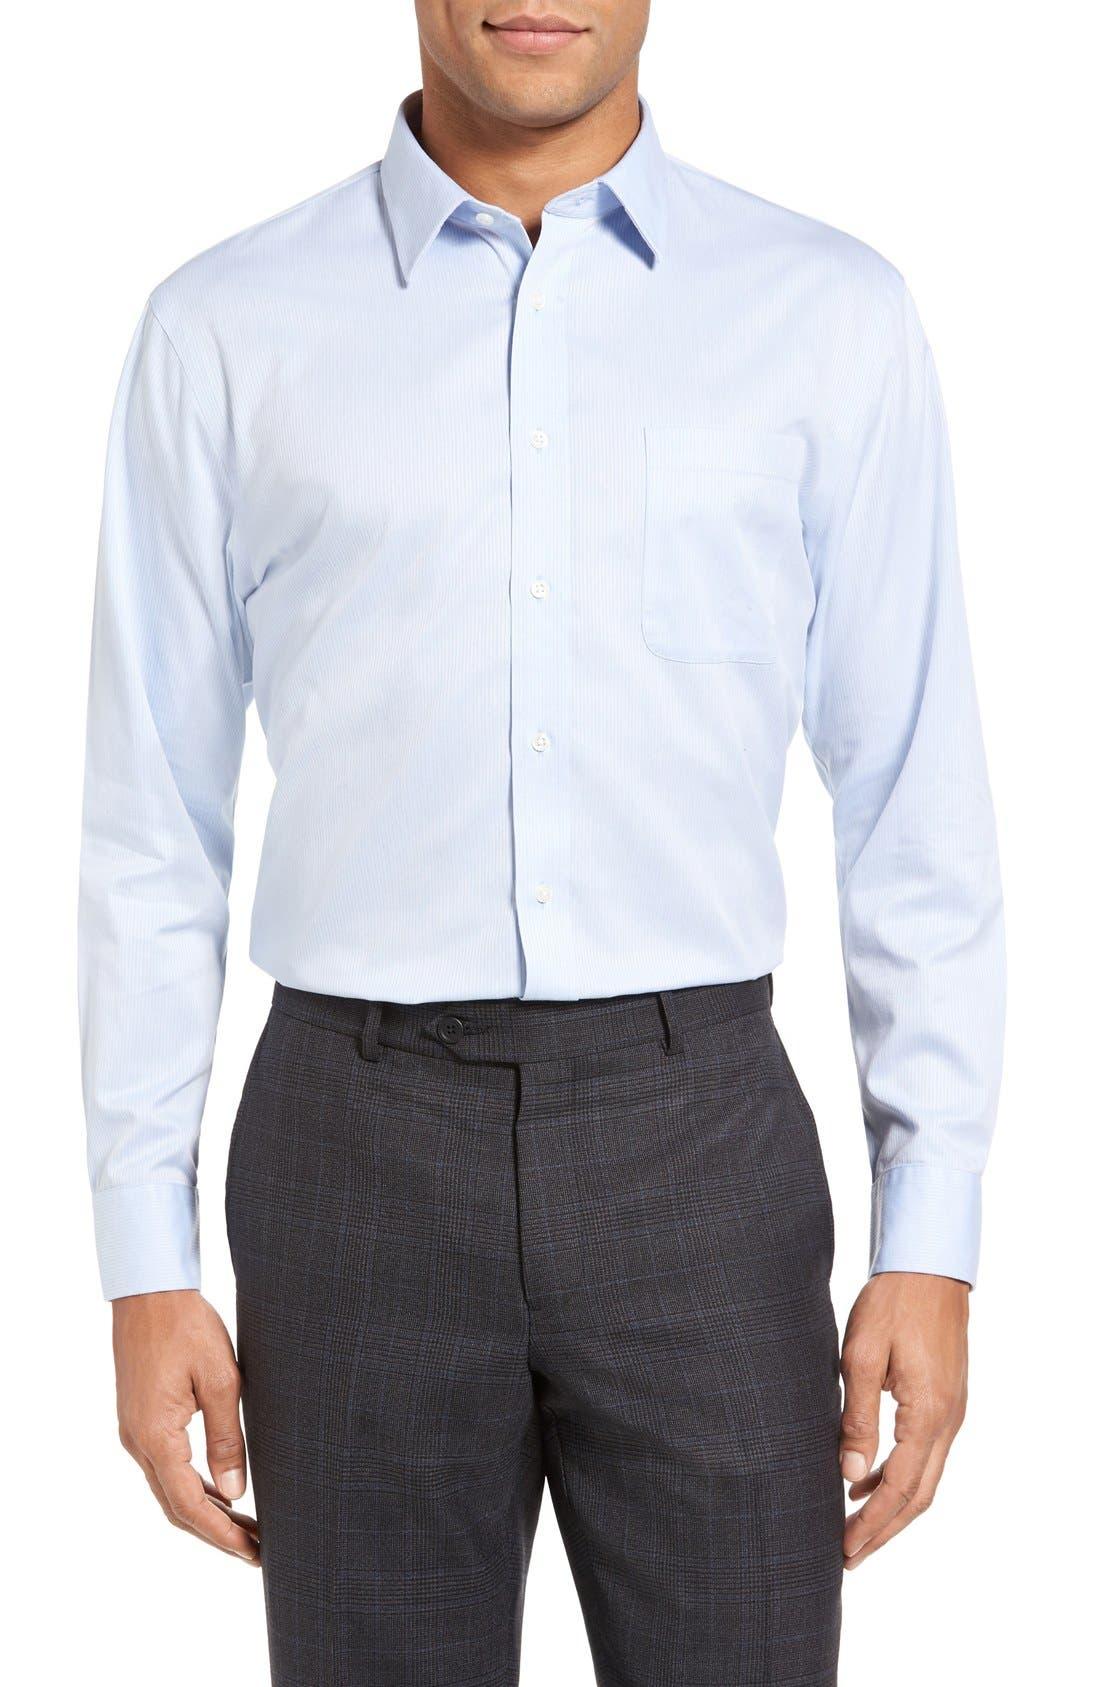 Nordstrom Shop Smartcare(TM) Trim Fit Dress Shirt, 5.5 32/33 - Blue